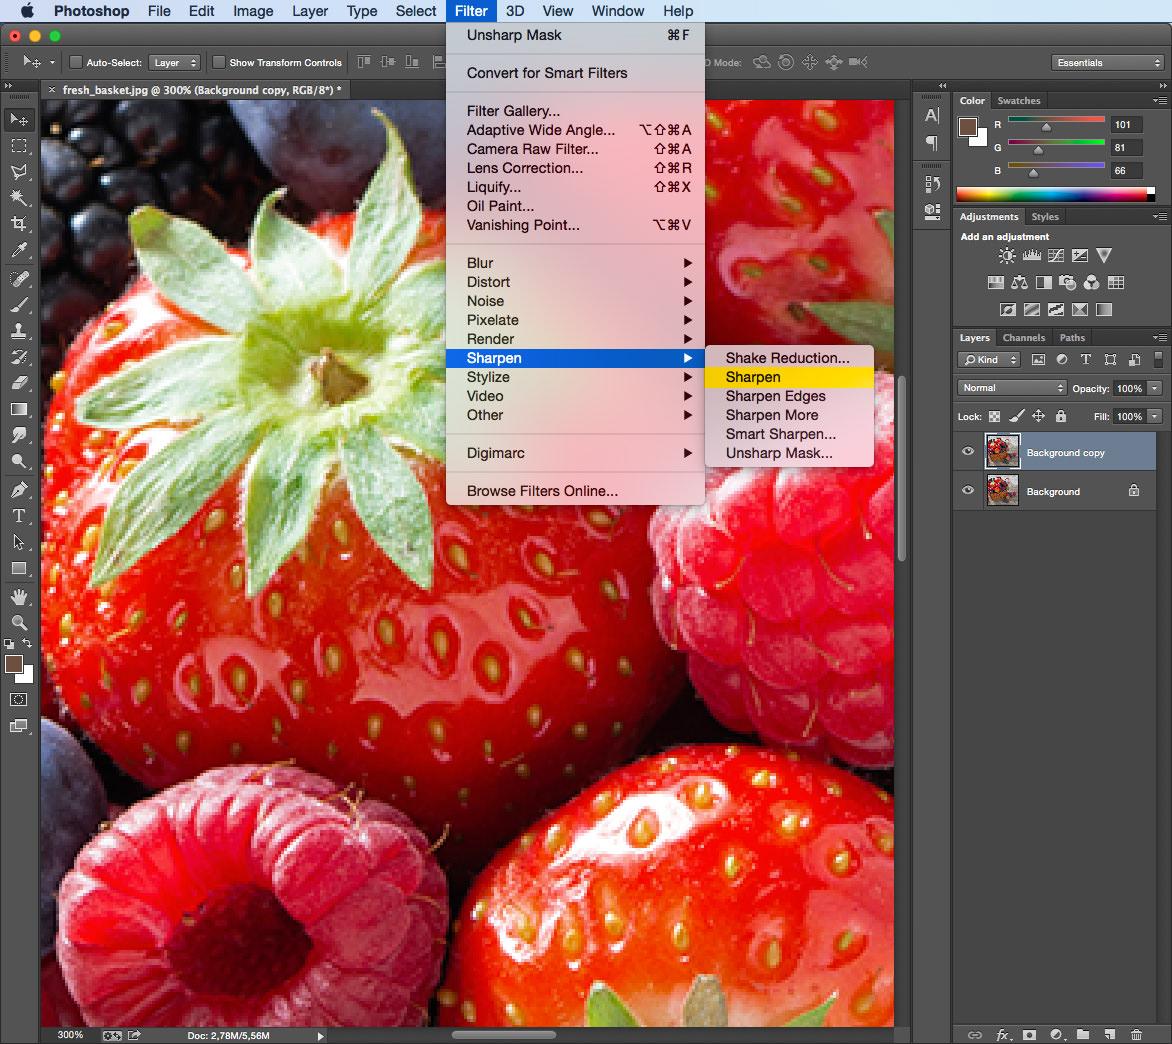 Как увеличить фото в Фотошопе без потери качества 99